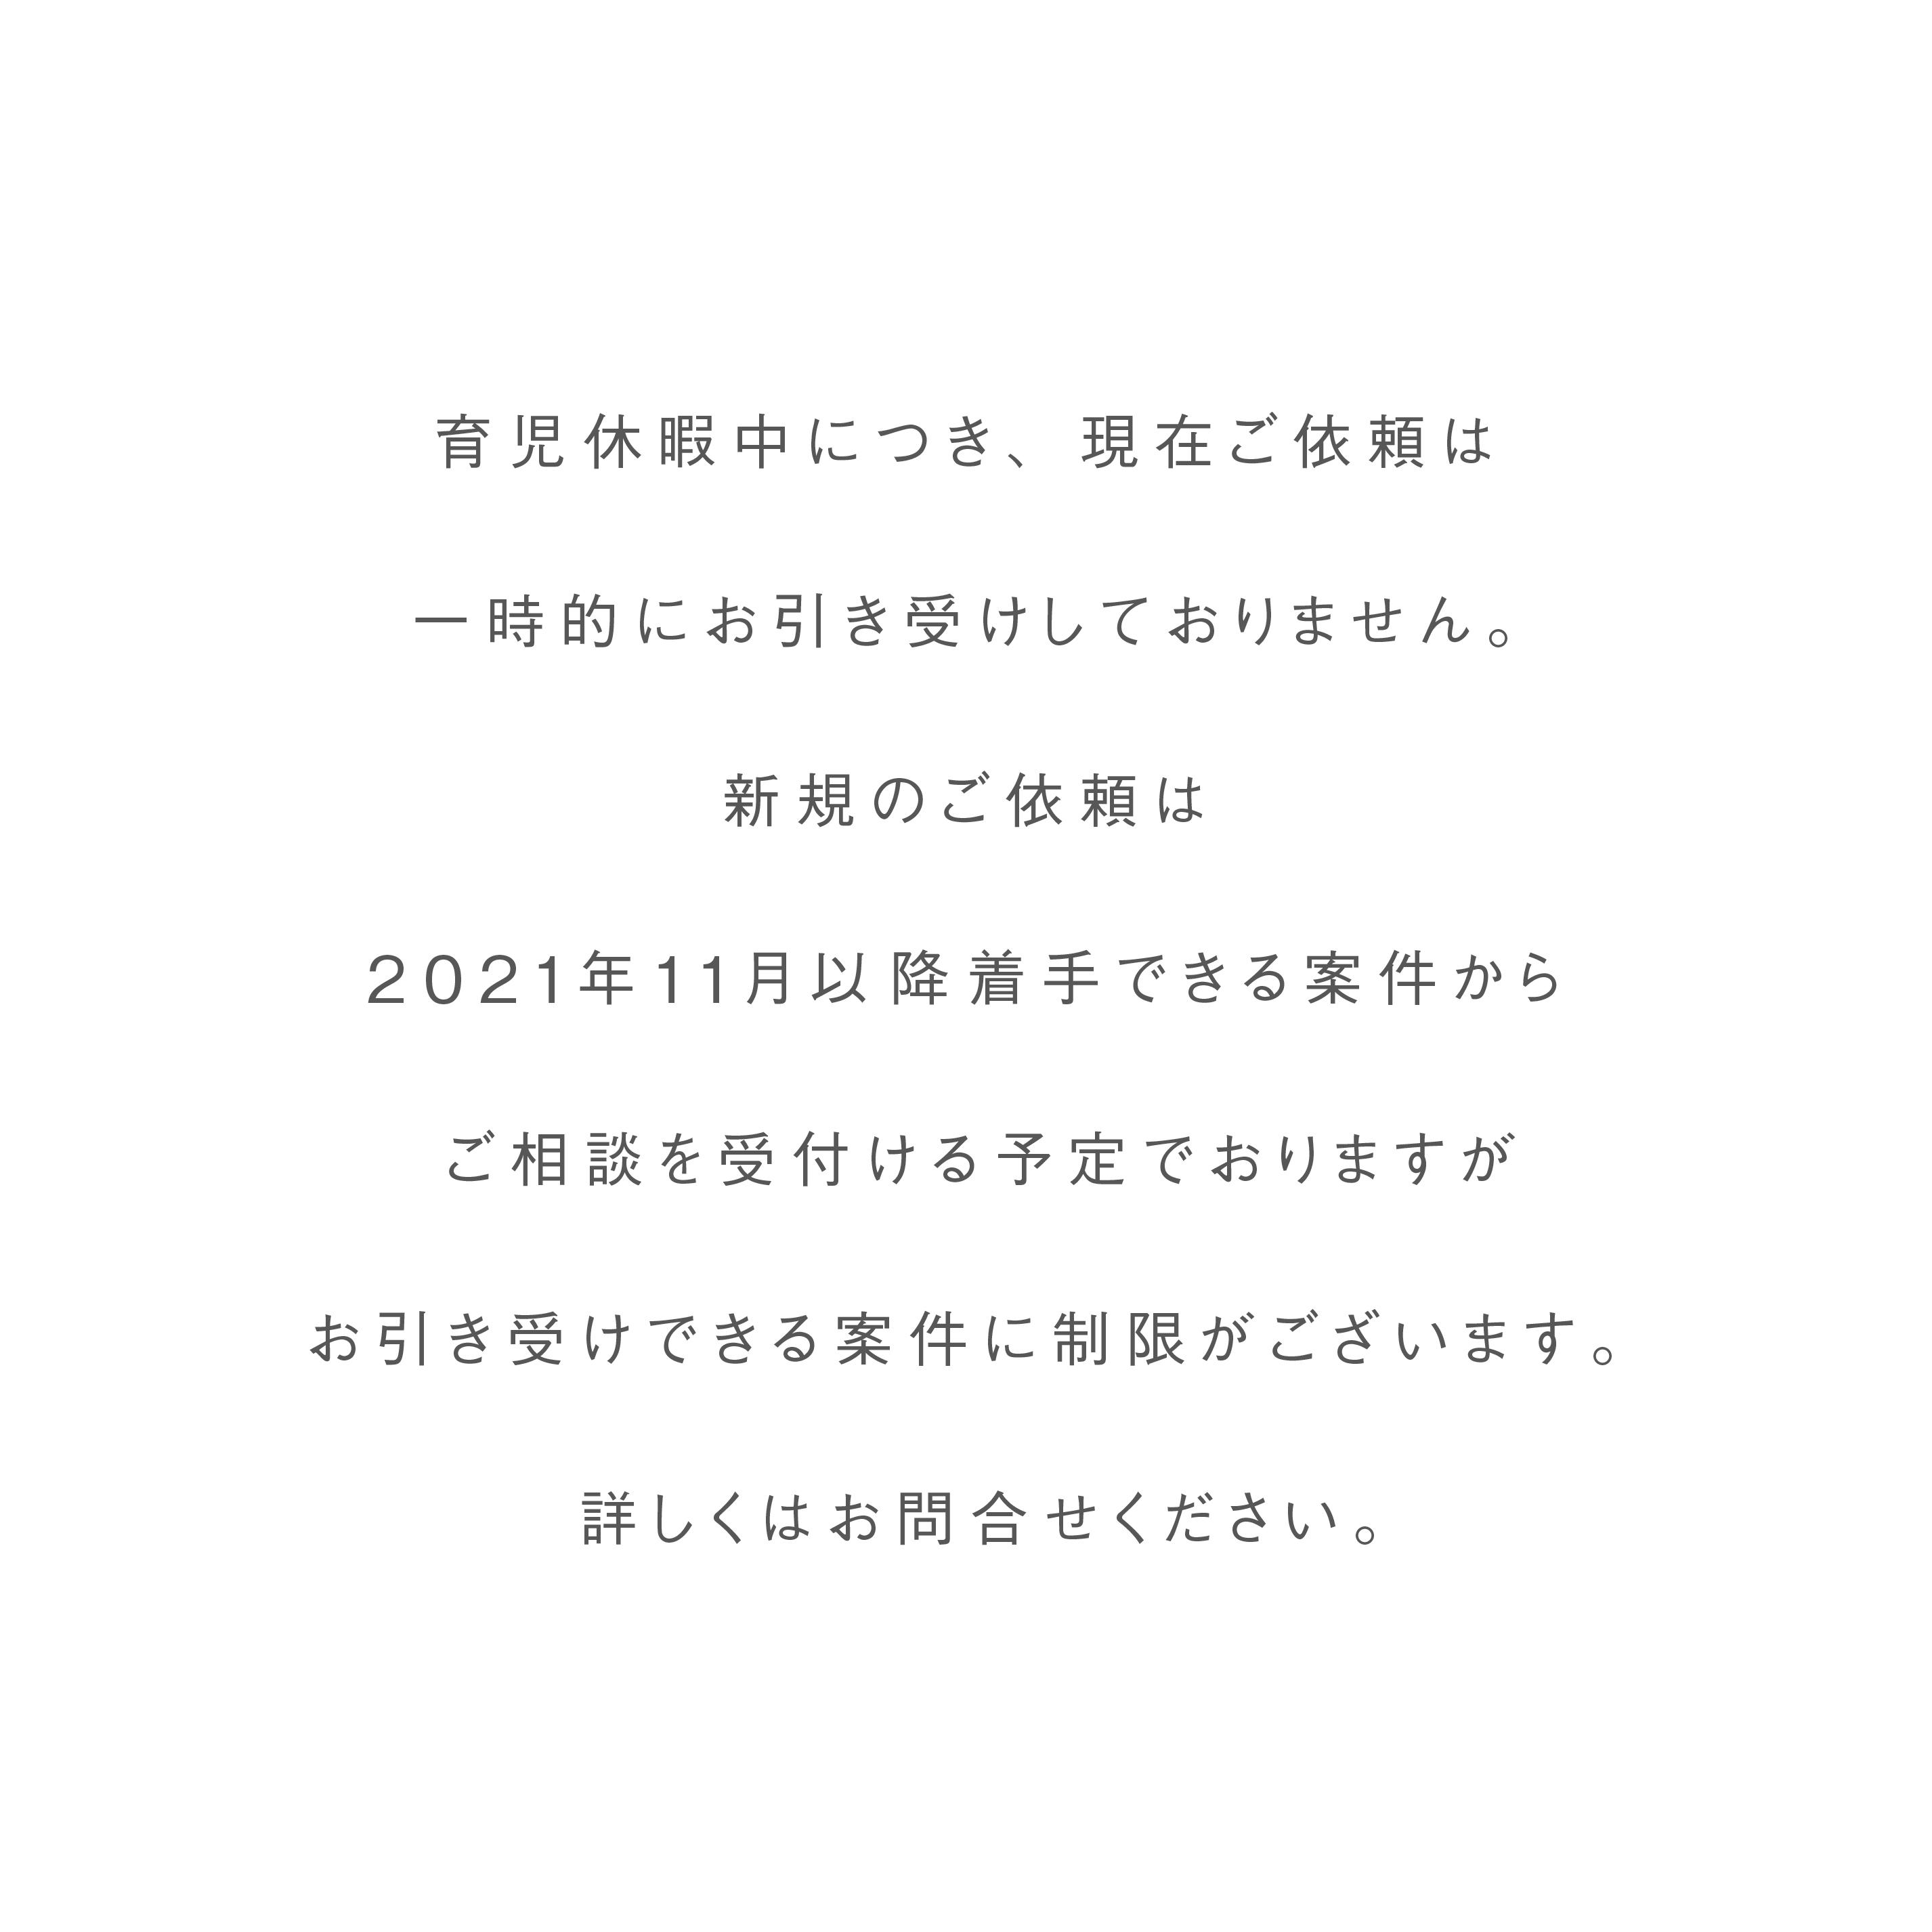 GH_Ikujikyuka202111